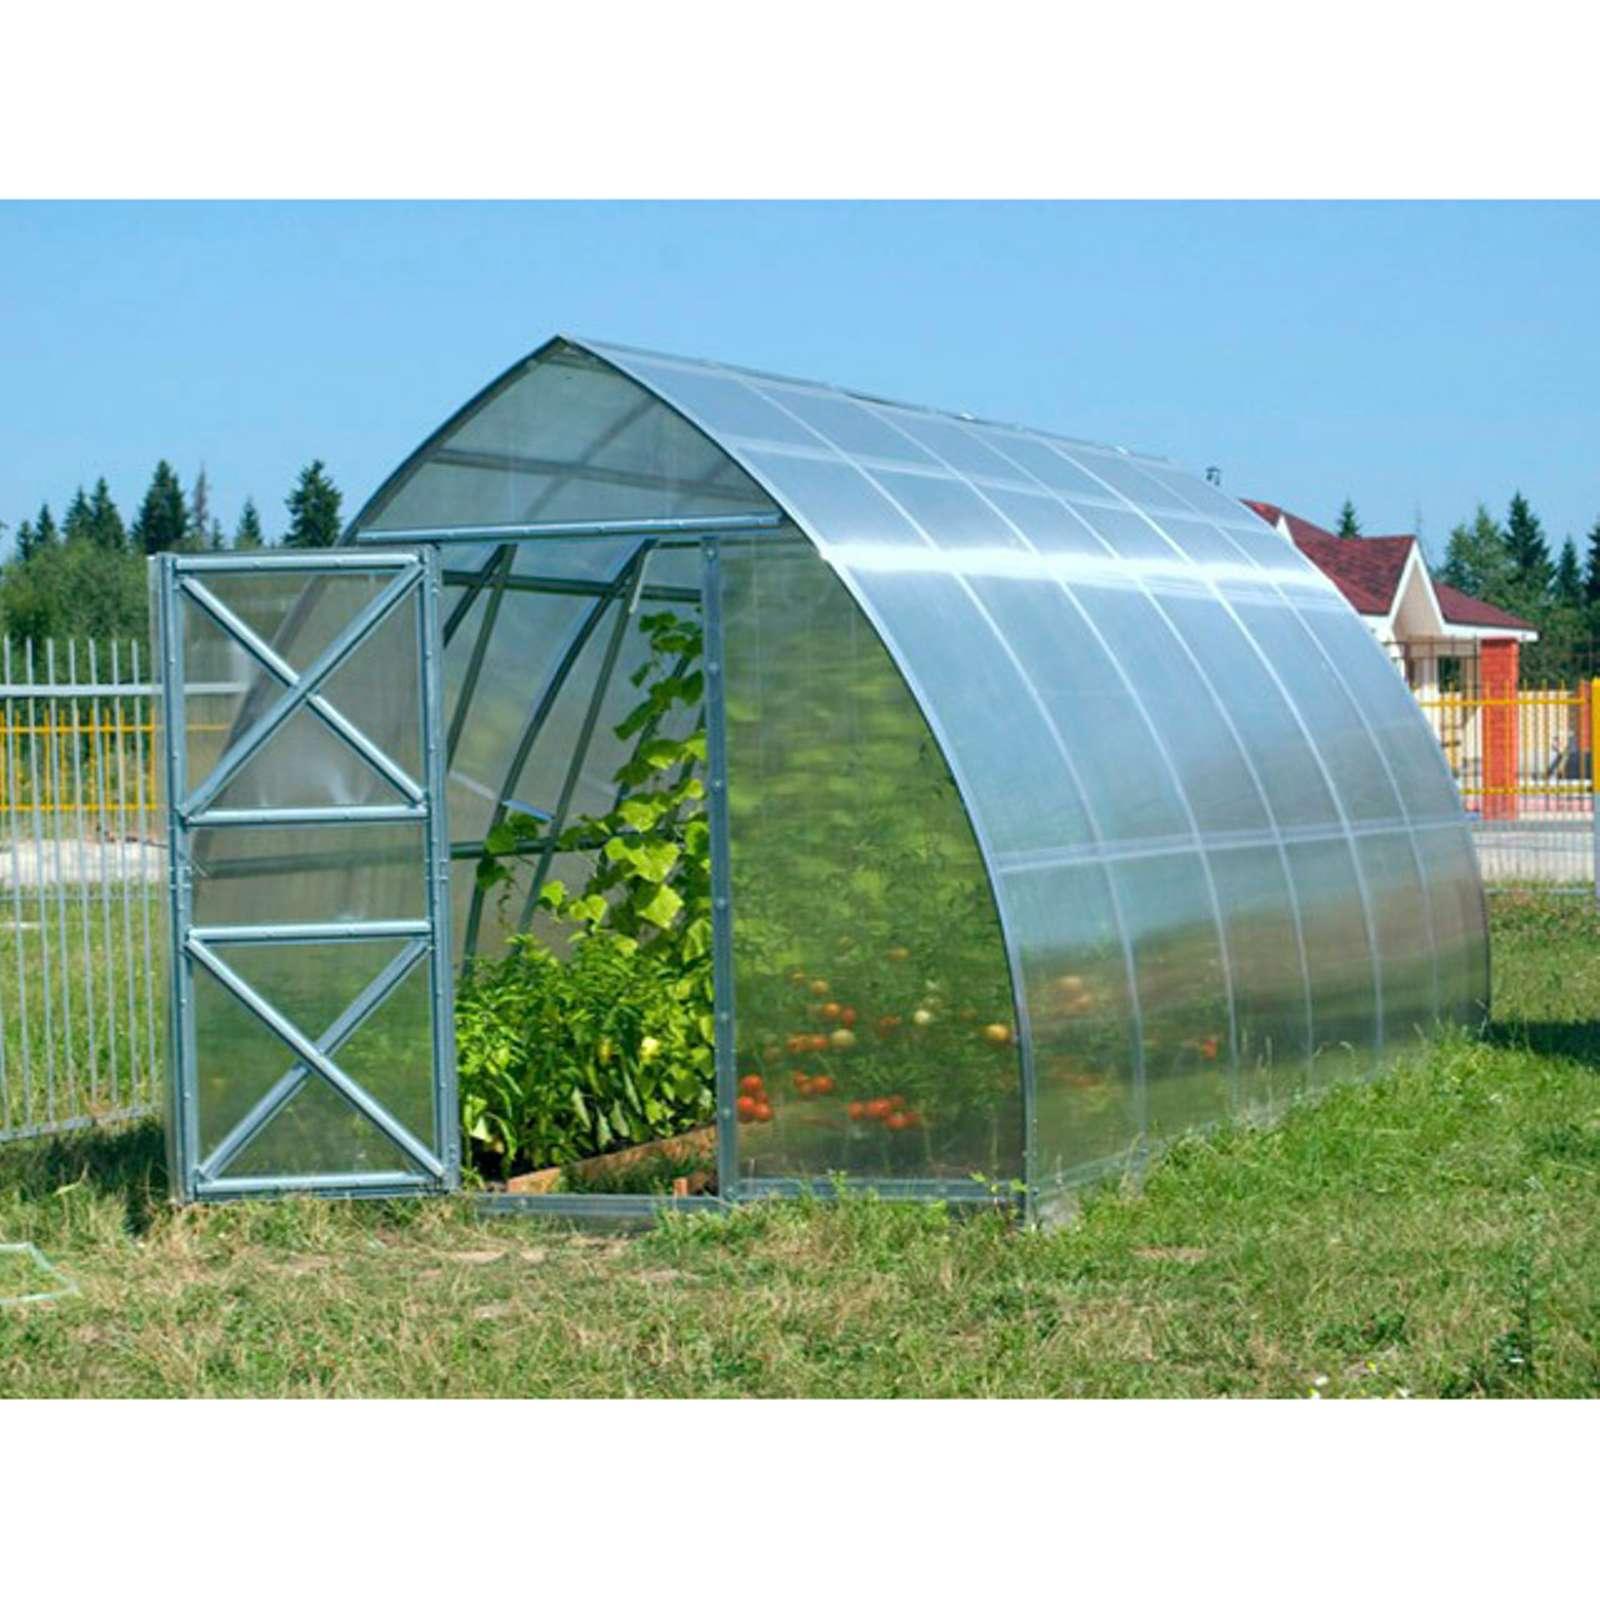 найдите площадь грунта огорода вне теплицы